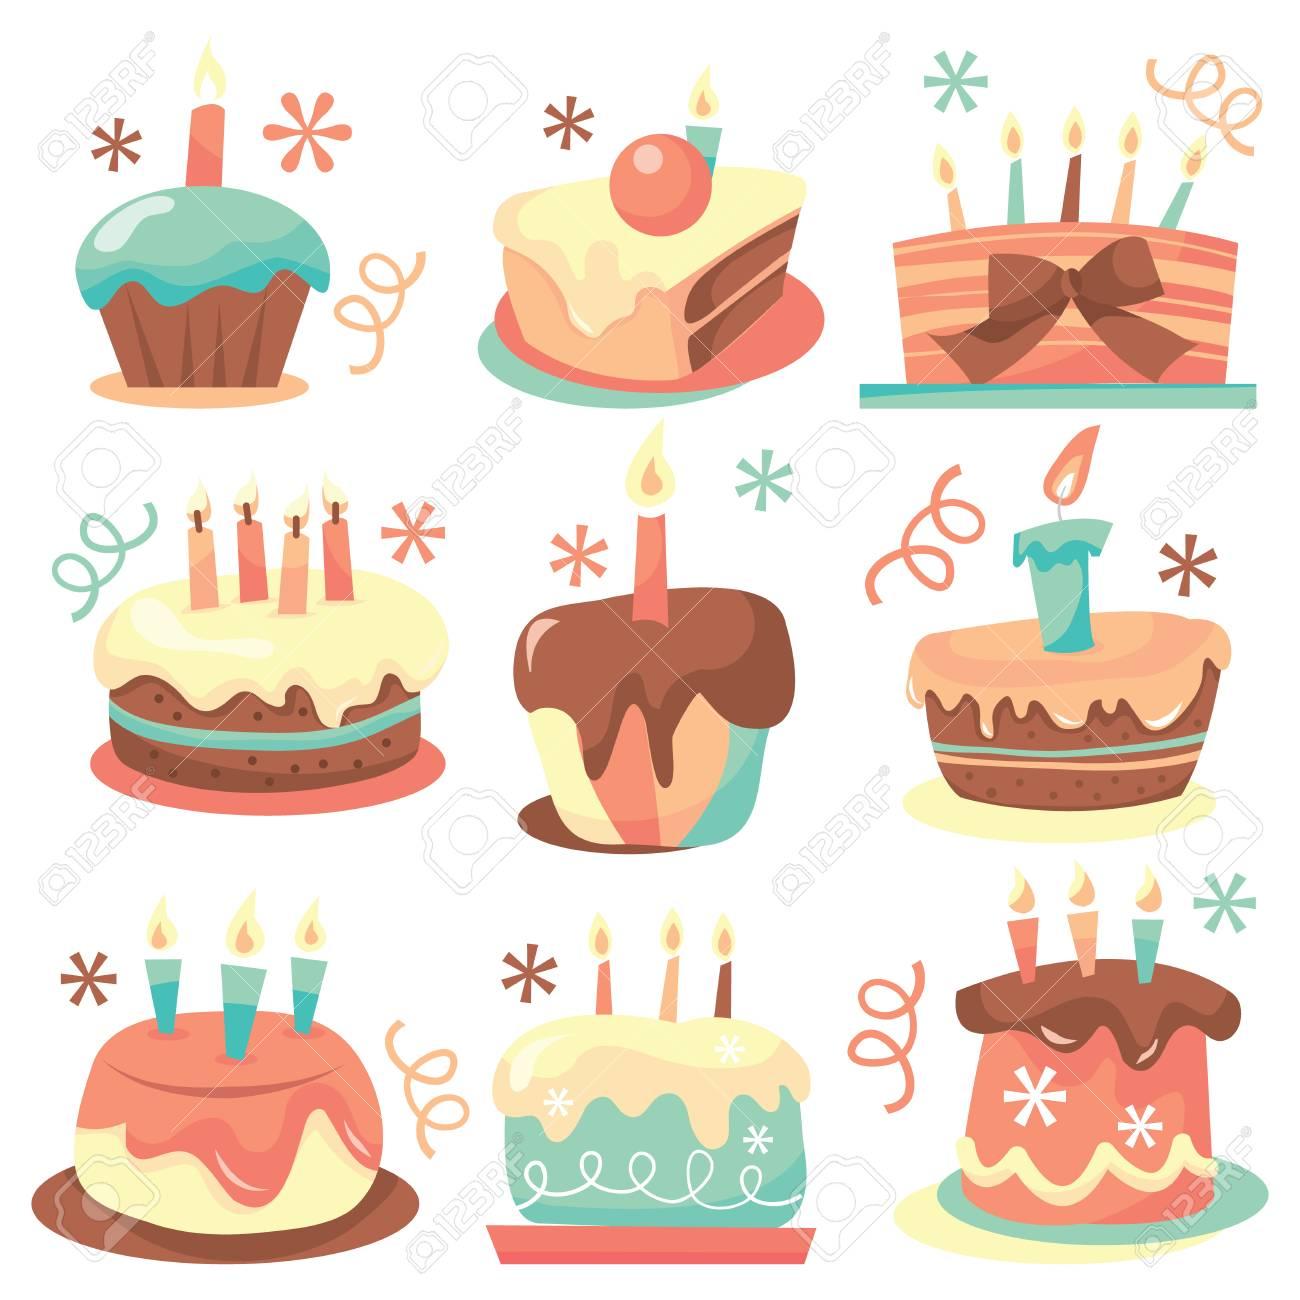 かわいい甘いレトロな誕生日ケーキ ベクトル イラスト集ですのイラスト